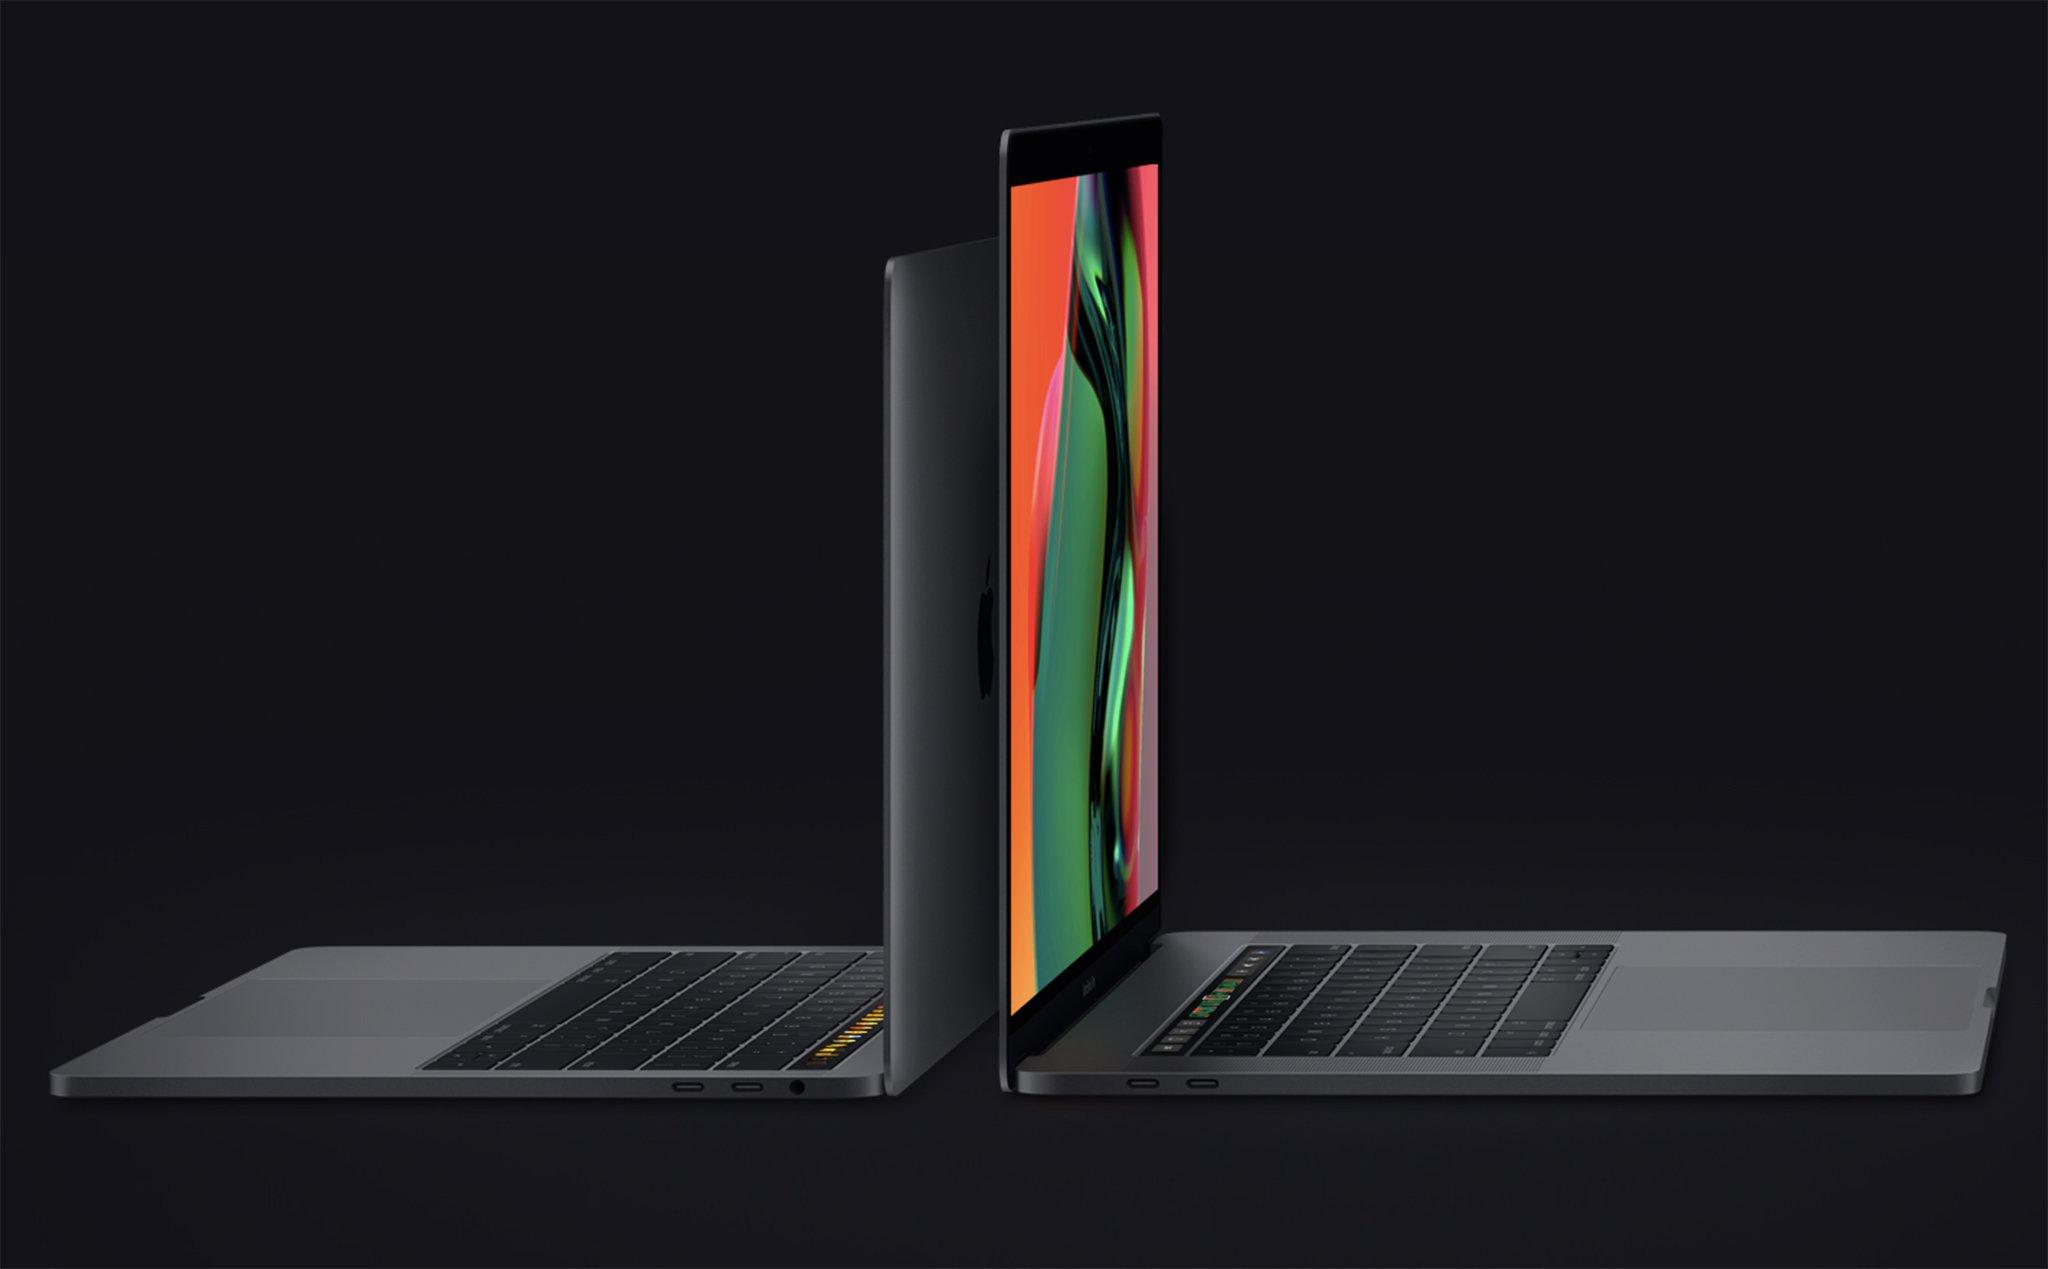 Apple bất ngờ cho ra mắt MacBook Pro 2018: CPU mới, RAM tối đa 32GB, màn hình True Tone